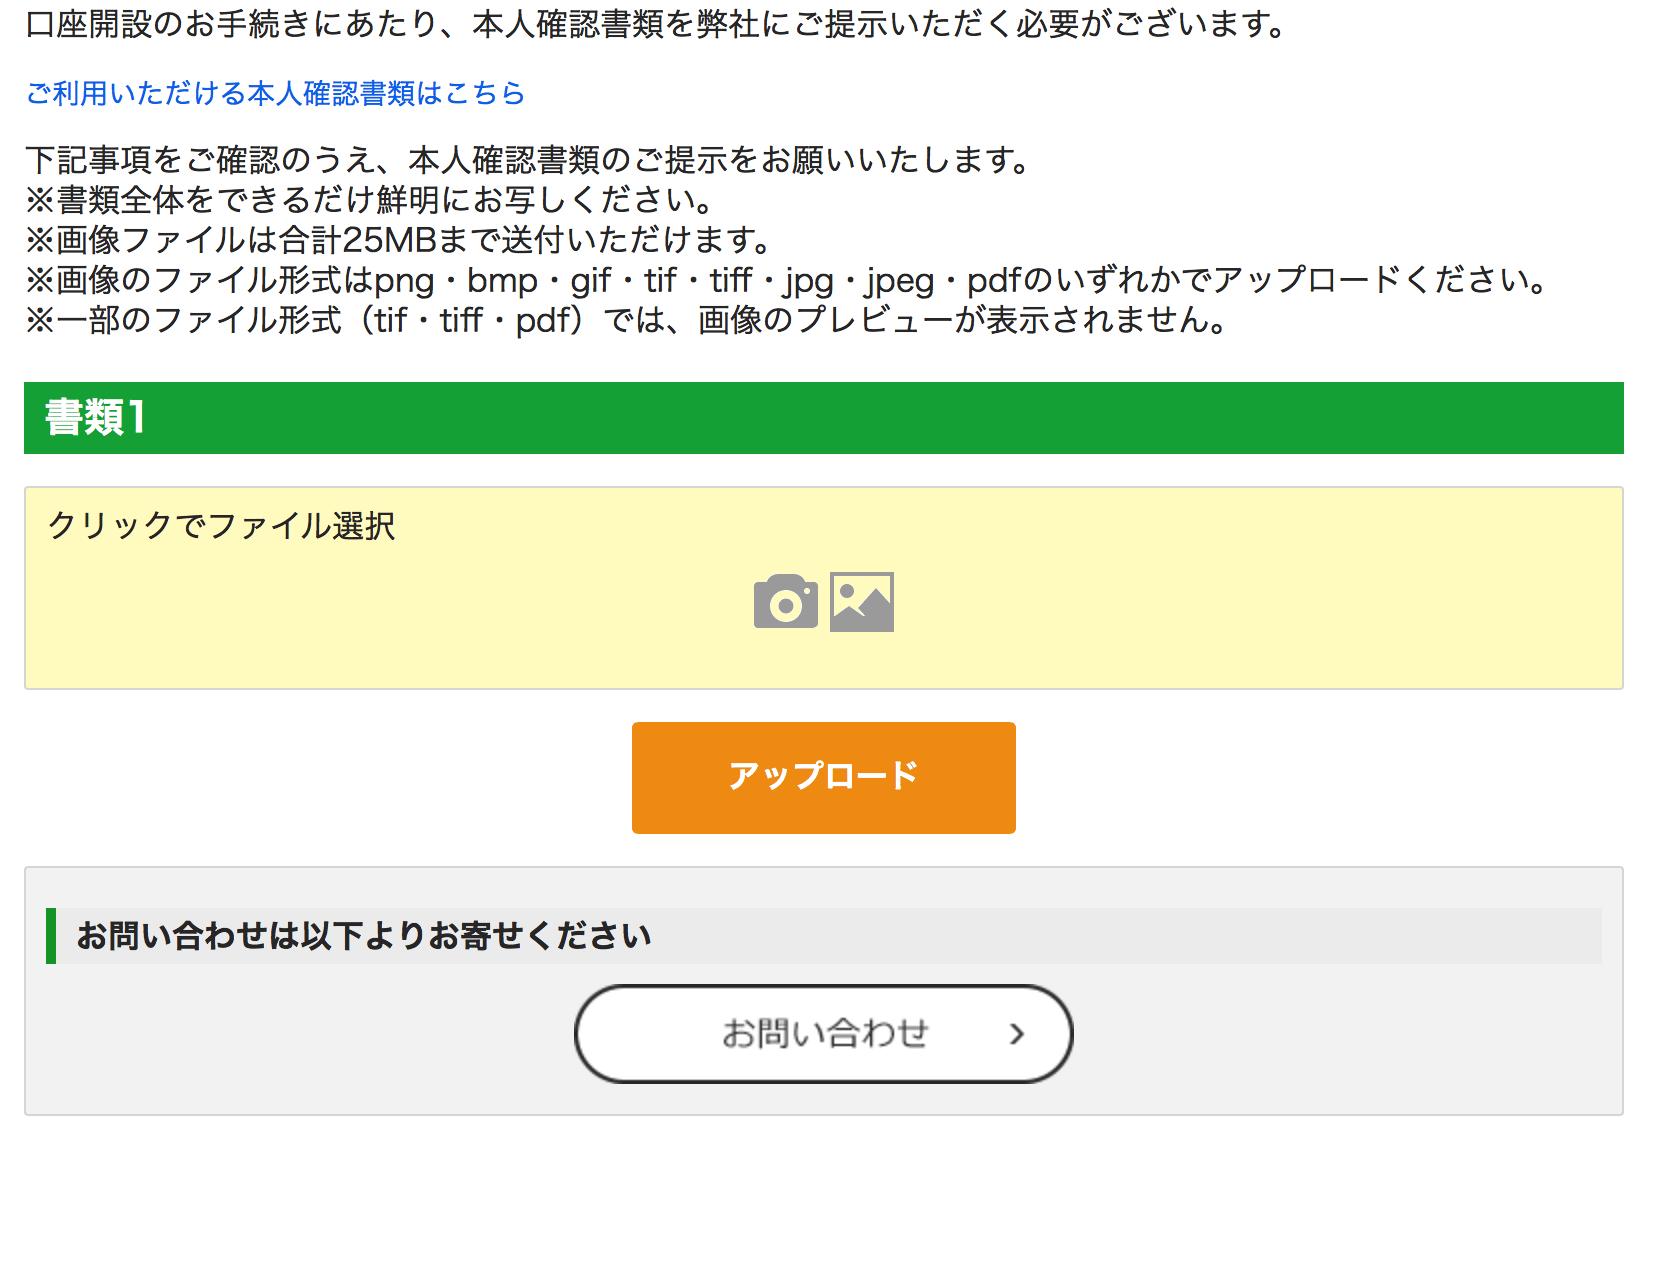 ウェブ上に本人確認書類をアップロード